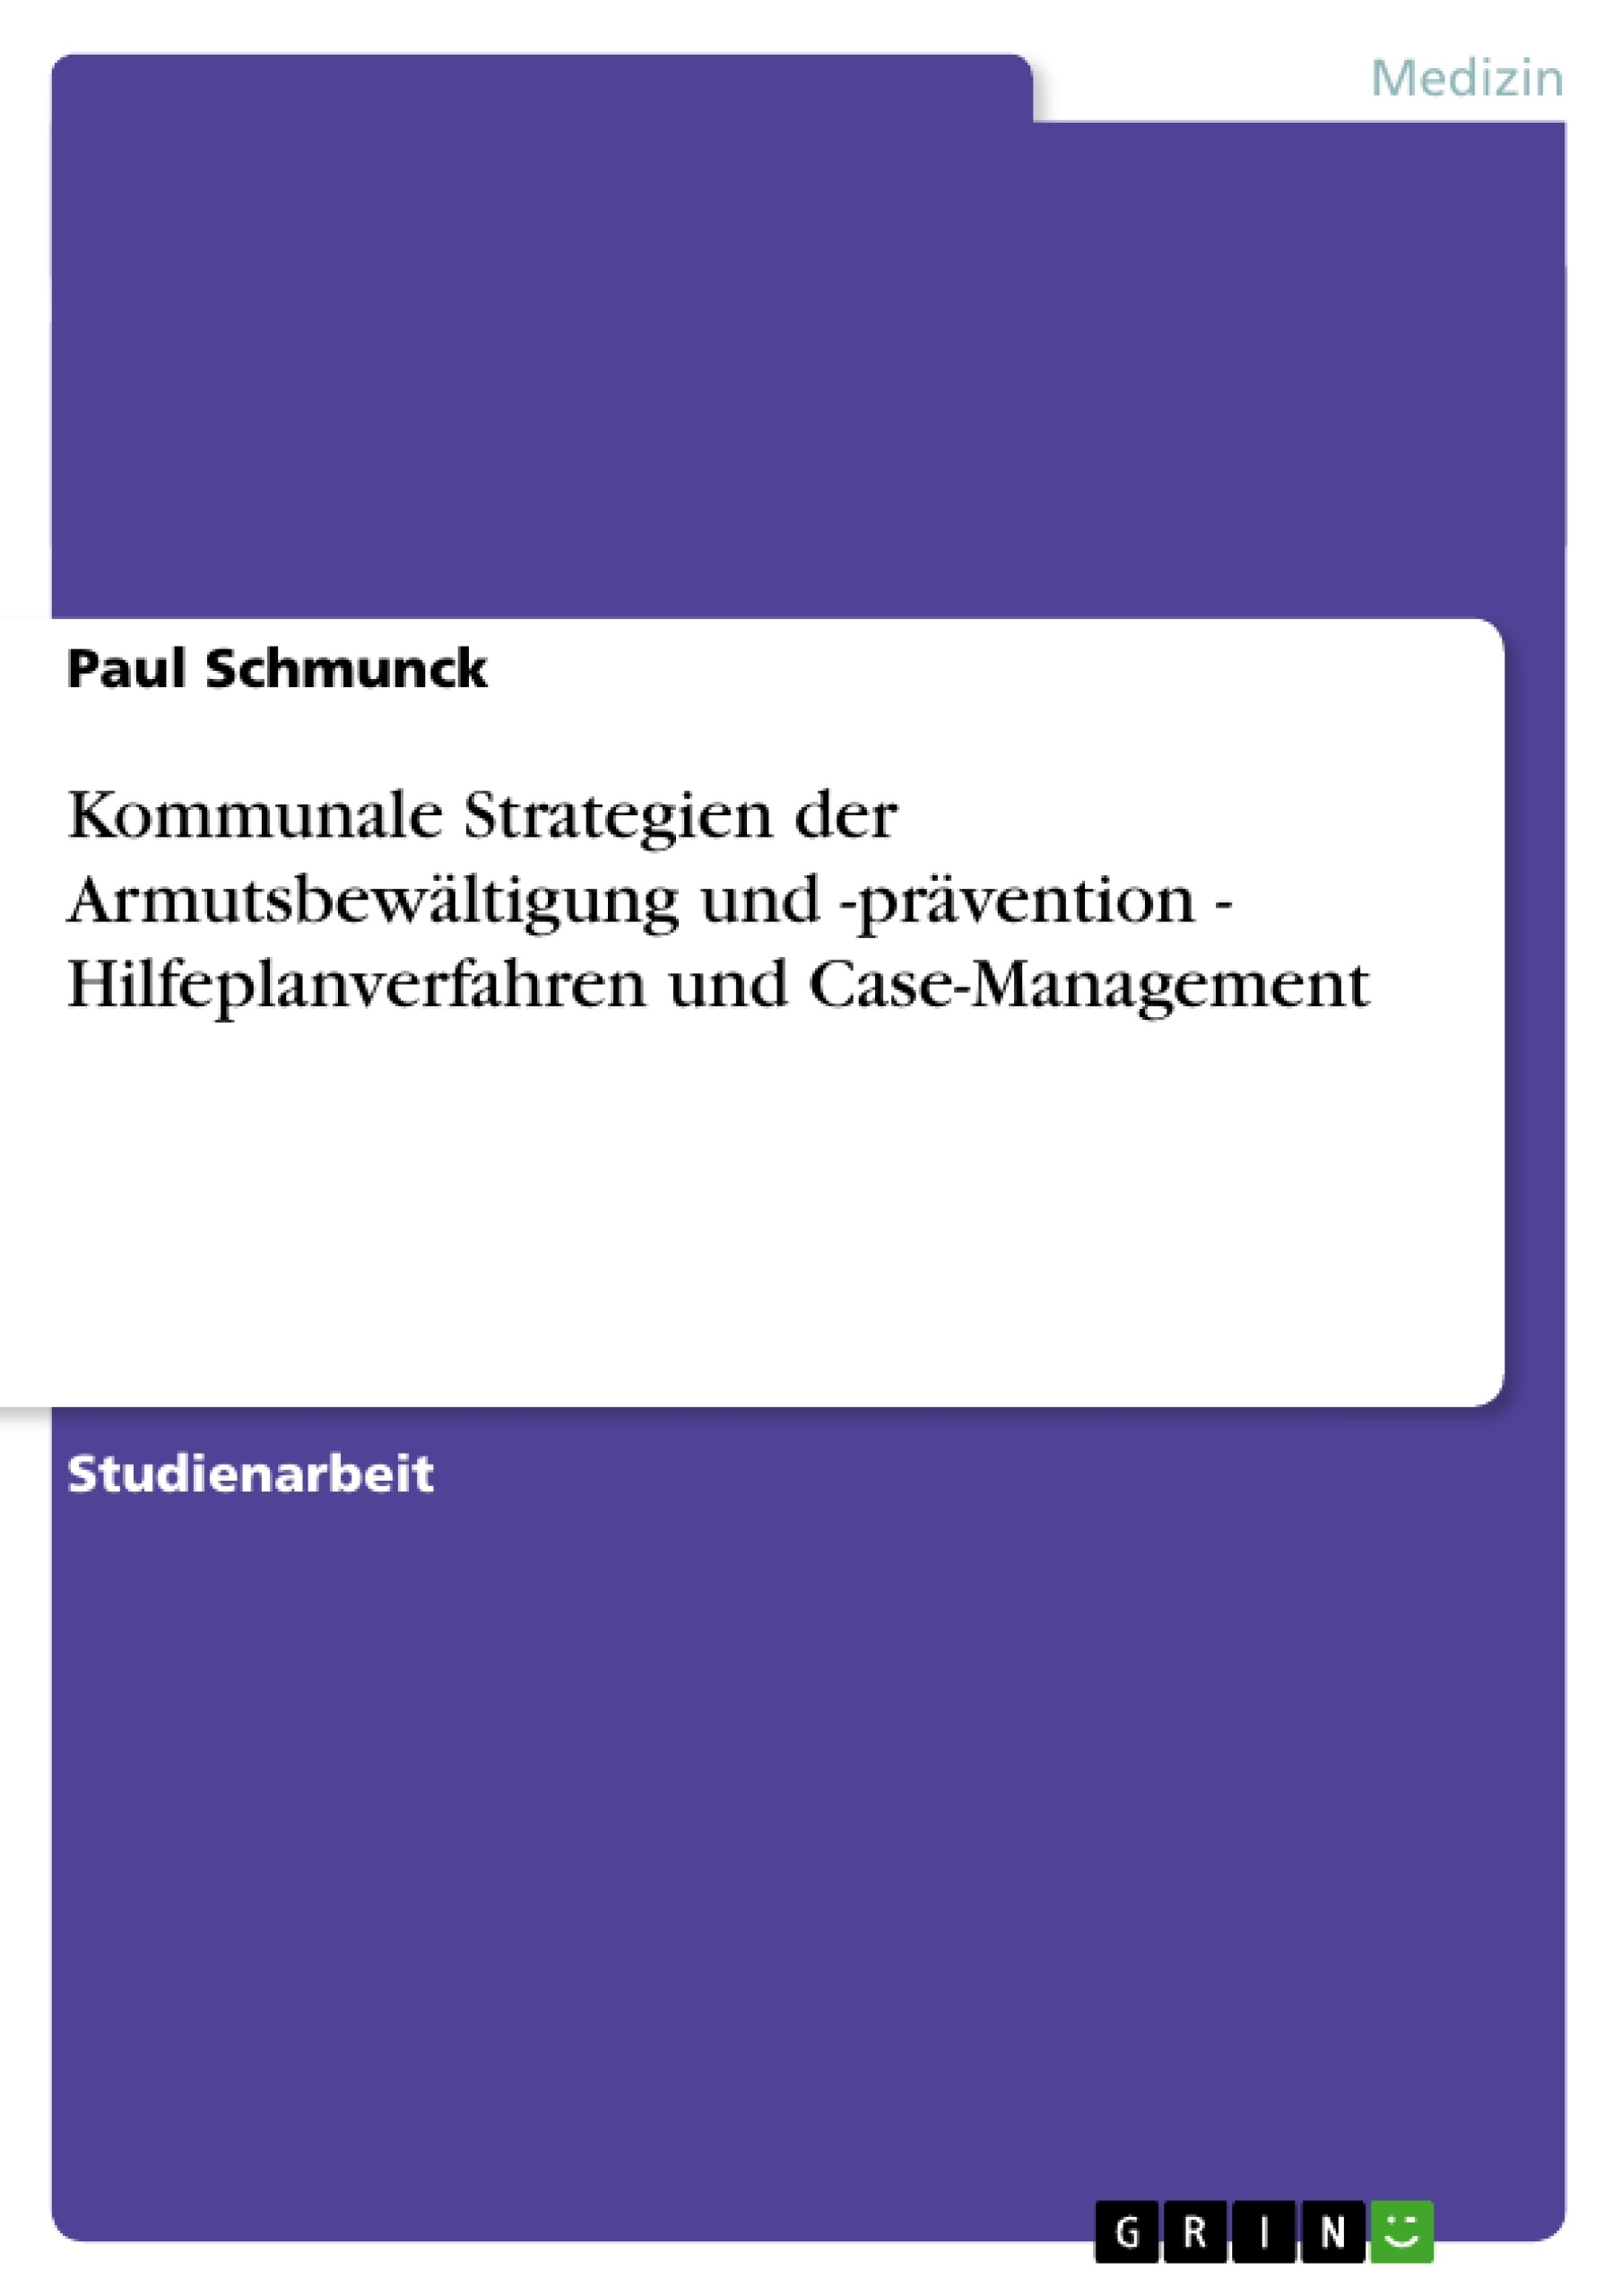 Titel: Kommunale Strategien der Armutsbewältigung und -prävention  -  Hilfeplanverfahren und Case-Management